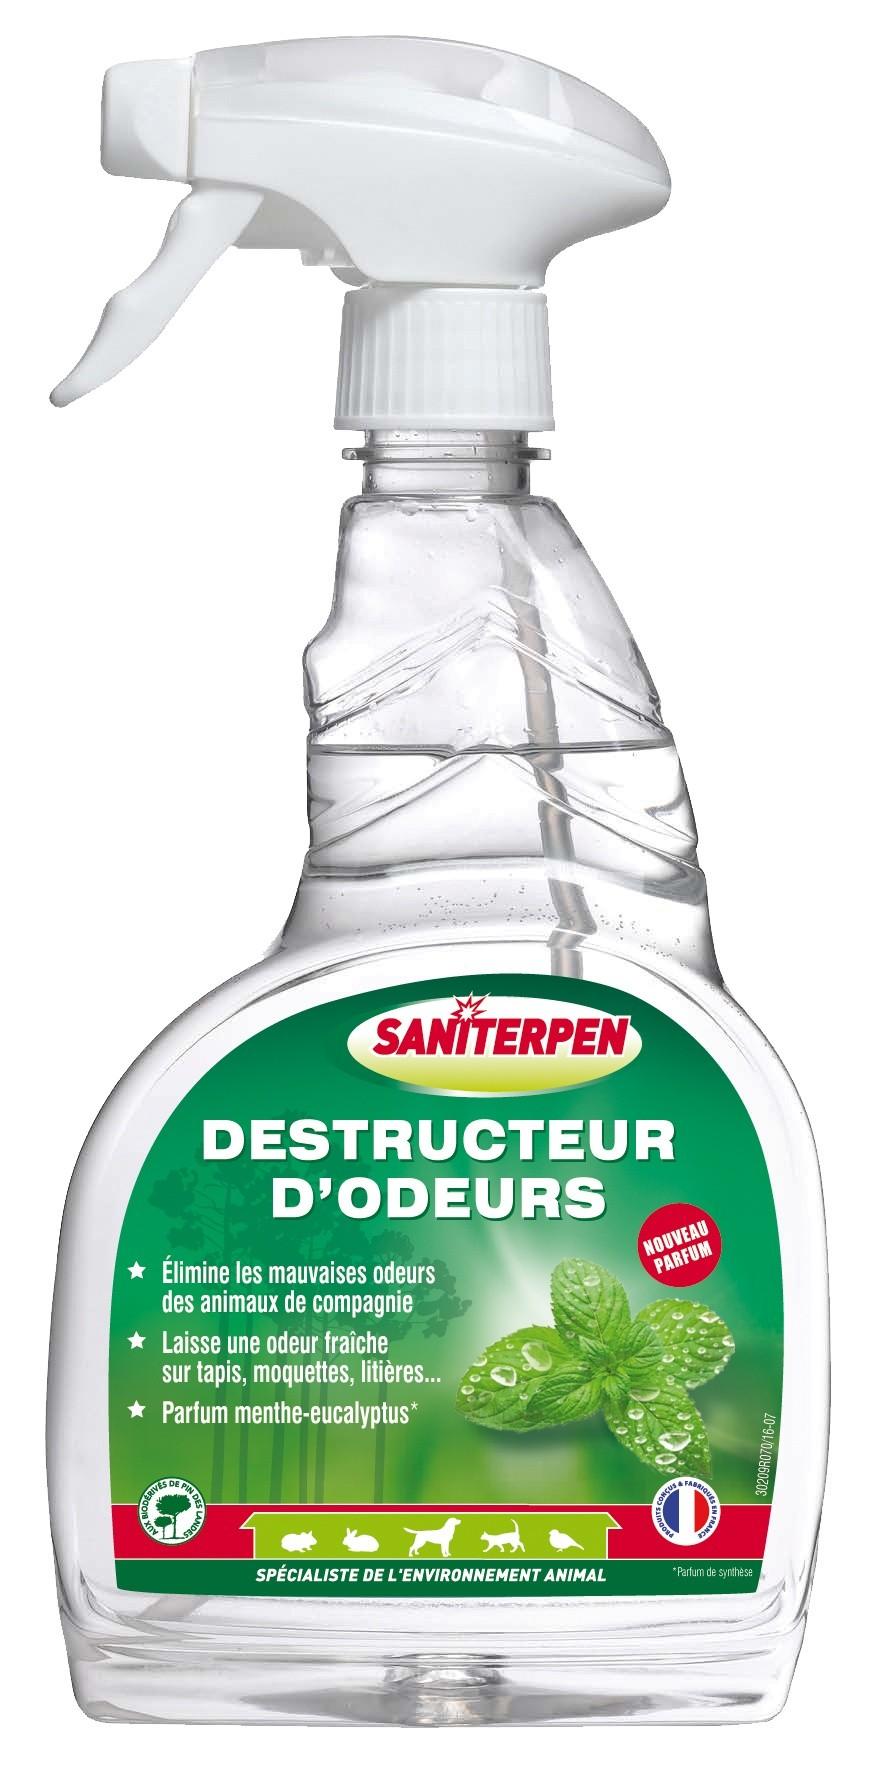 Saniterpen Destructeur d'odeurs Pulvérisateur 750 ml